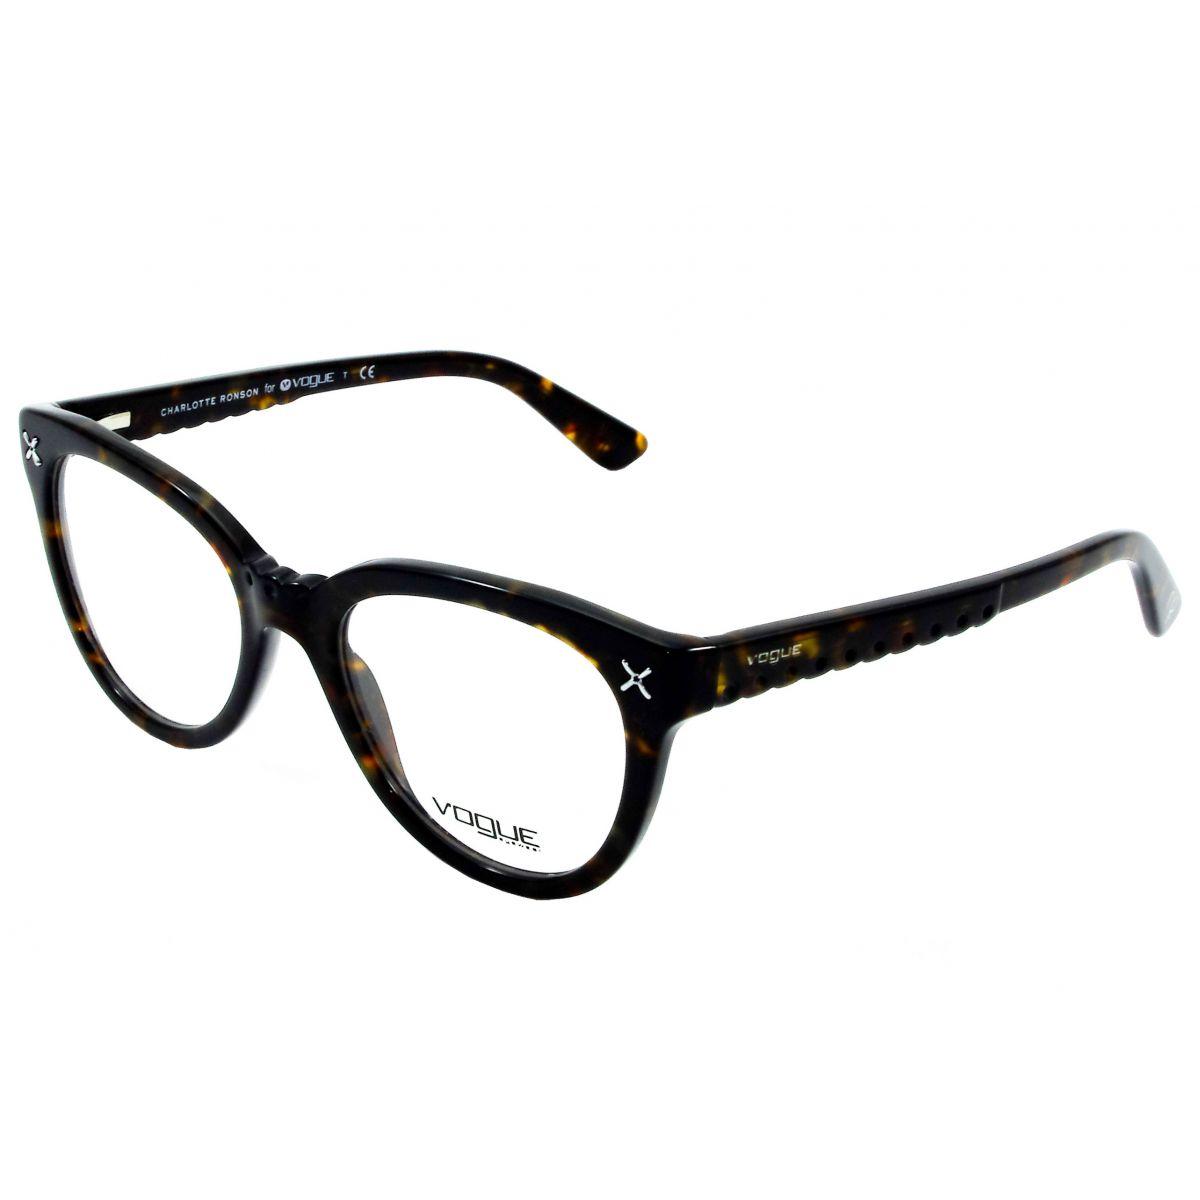 Armacao de Óculos Feminino Vogue - VO6552 Marrom Tartaruga